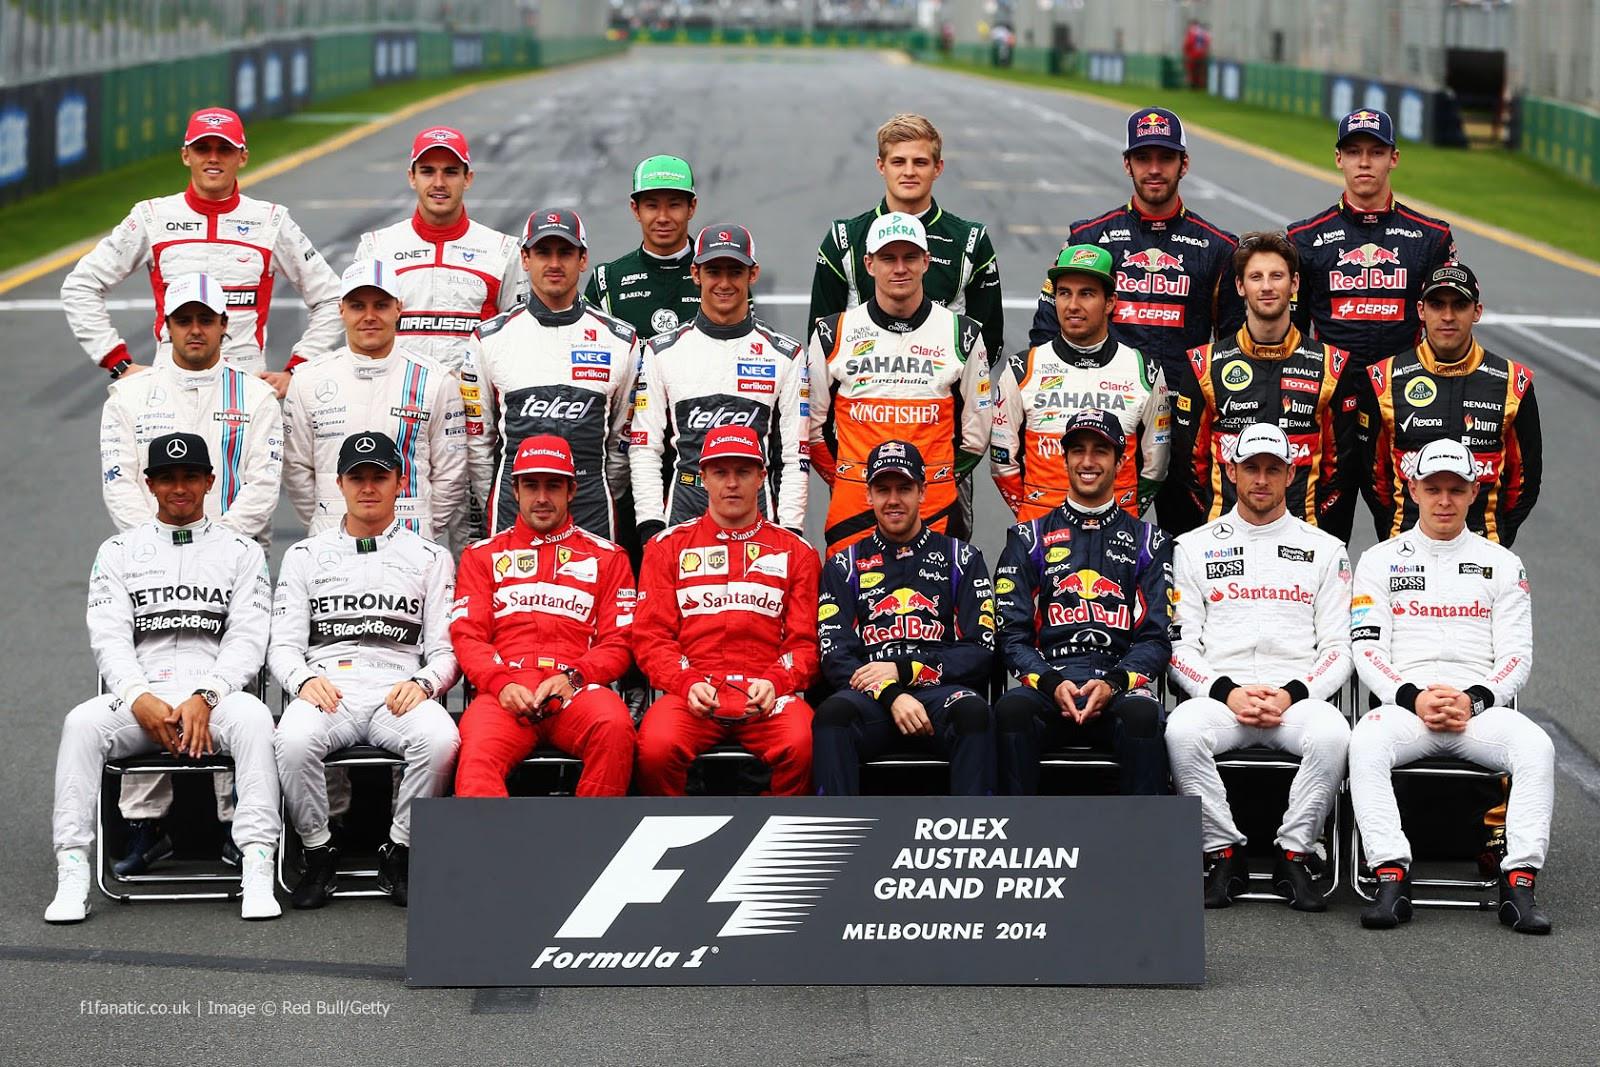 Numéro de course des pilotes de F1 : saison 2014